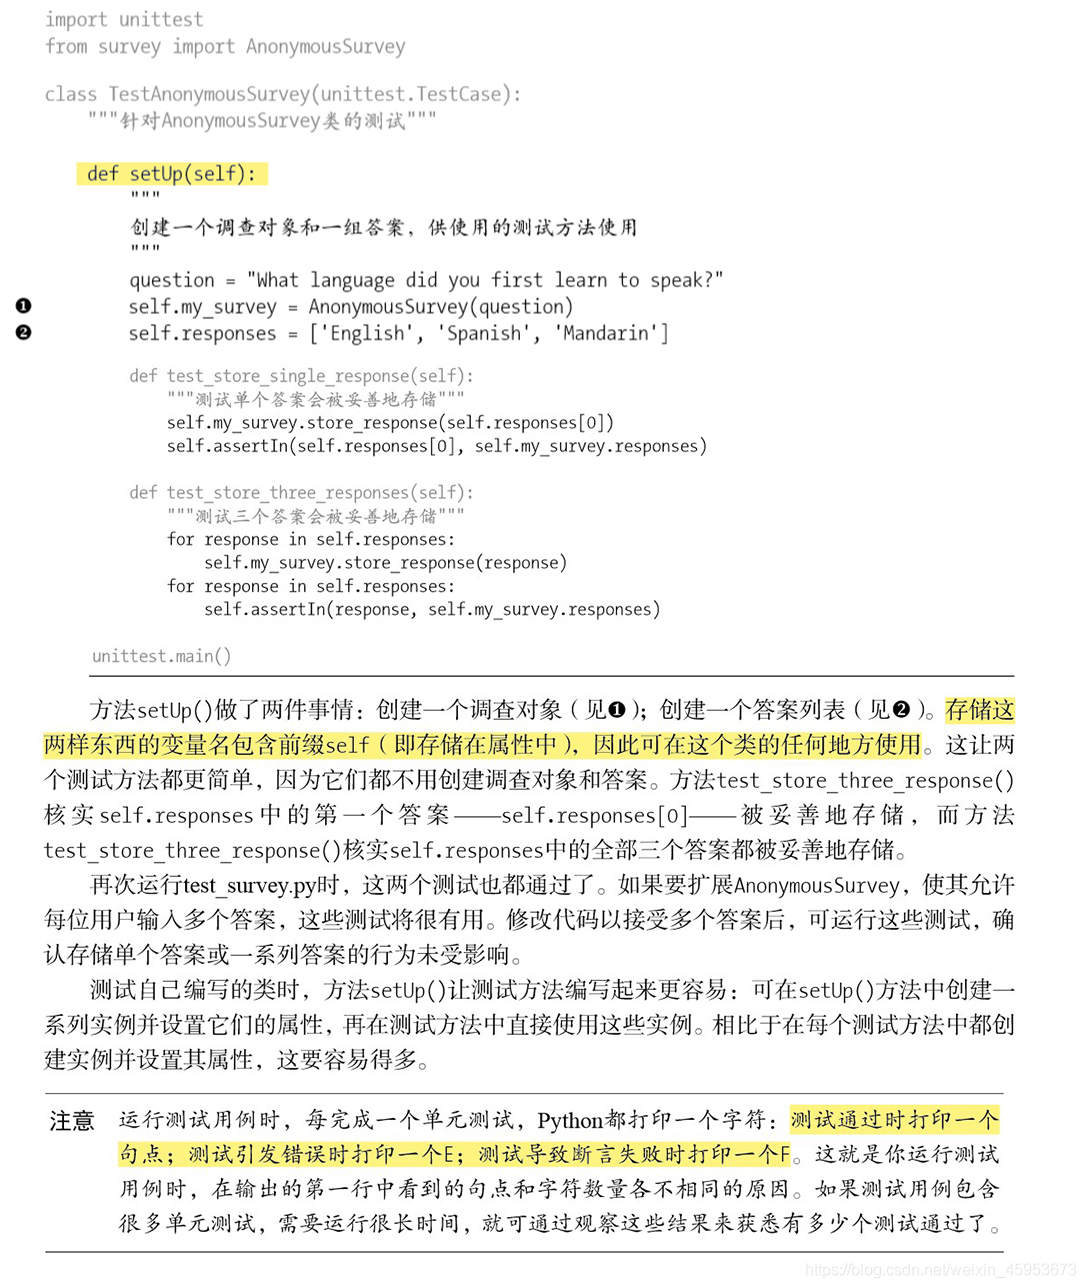 [外链图片转存失败,源站可能有防盗链机制,建议将图片保存下来直接上传(img-hMxrlBpe-1585293066552)(C:\Users\86139\Desktop\未标题-2.jpg)]